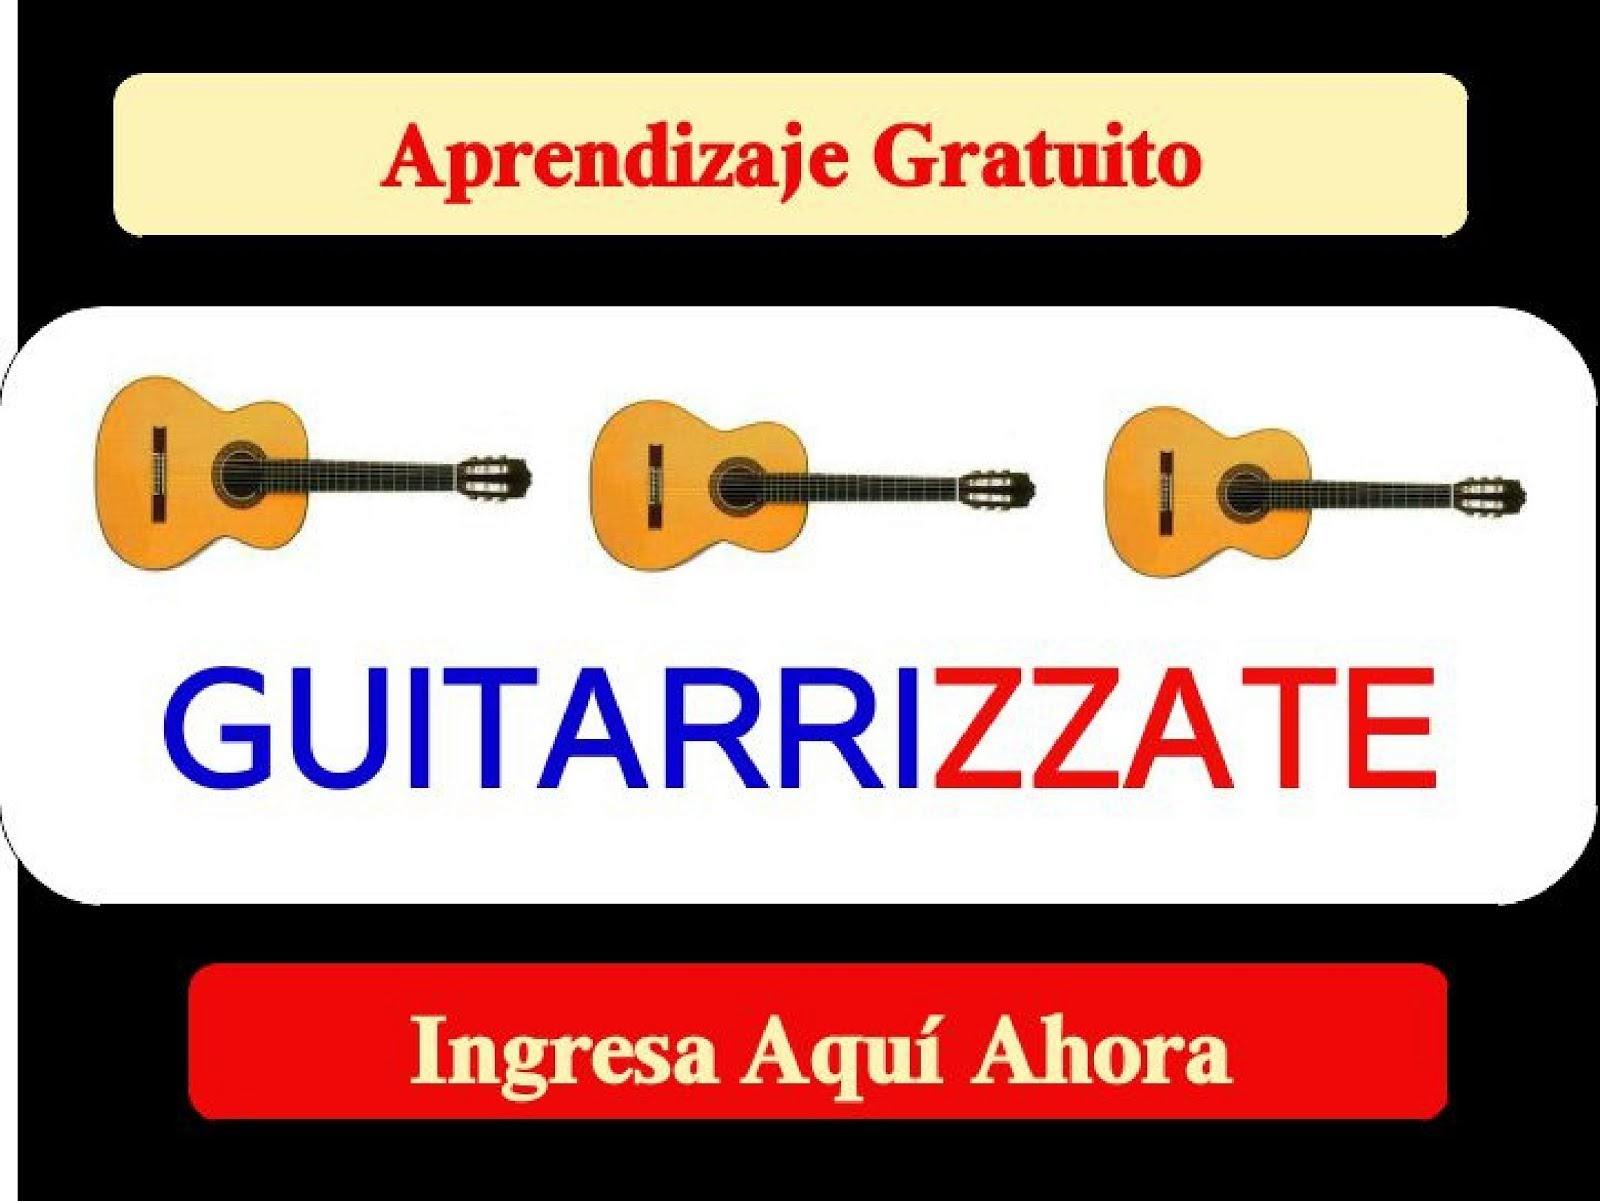 GUITARRIZZATE ingresa ahora, Aprendizaje Gratuito por Musizzate